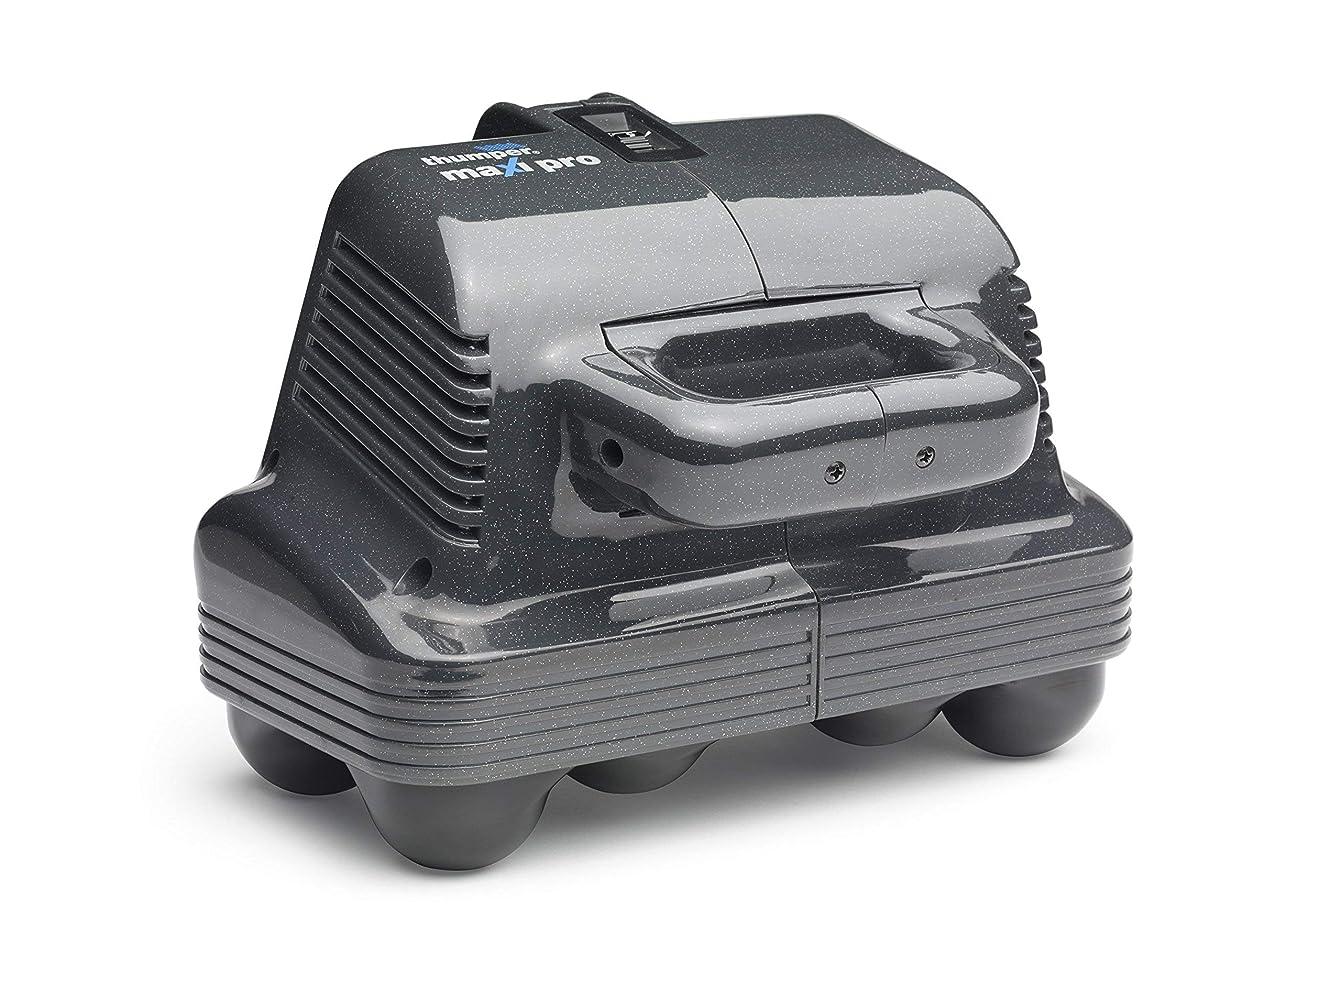 小売新しい意味ギャラリーThumper Maxi Pro プロフェッショナル 電気マッサージャー